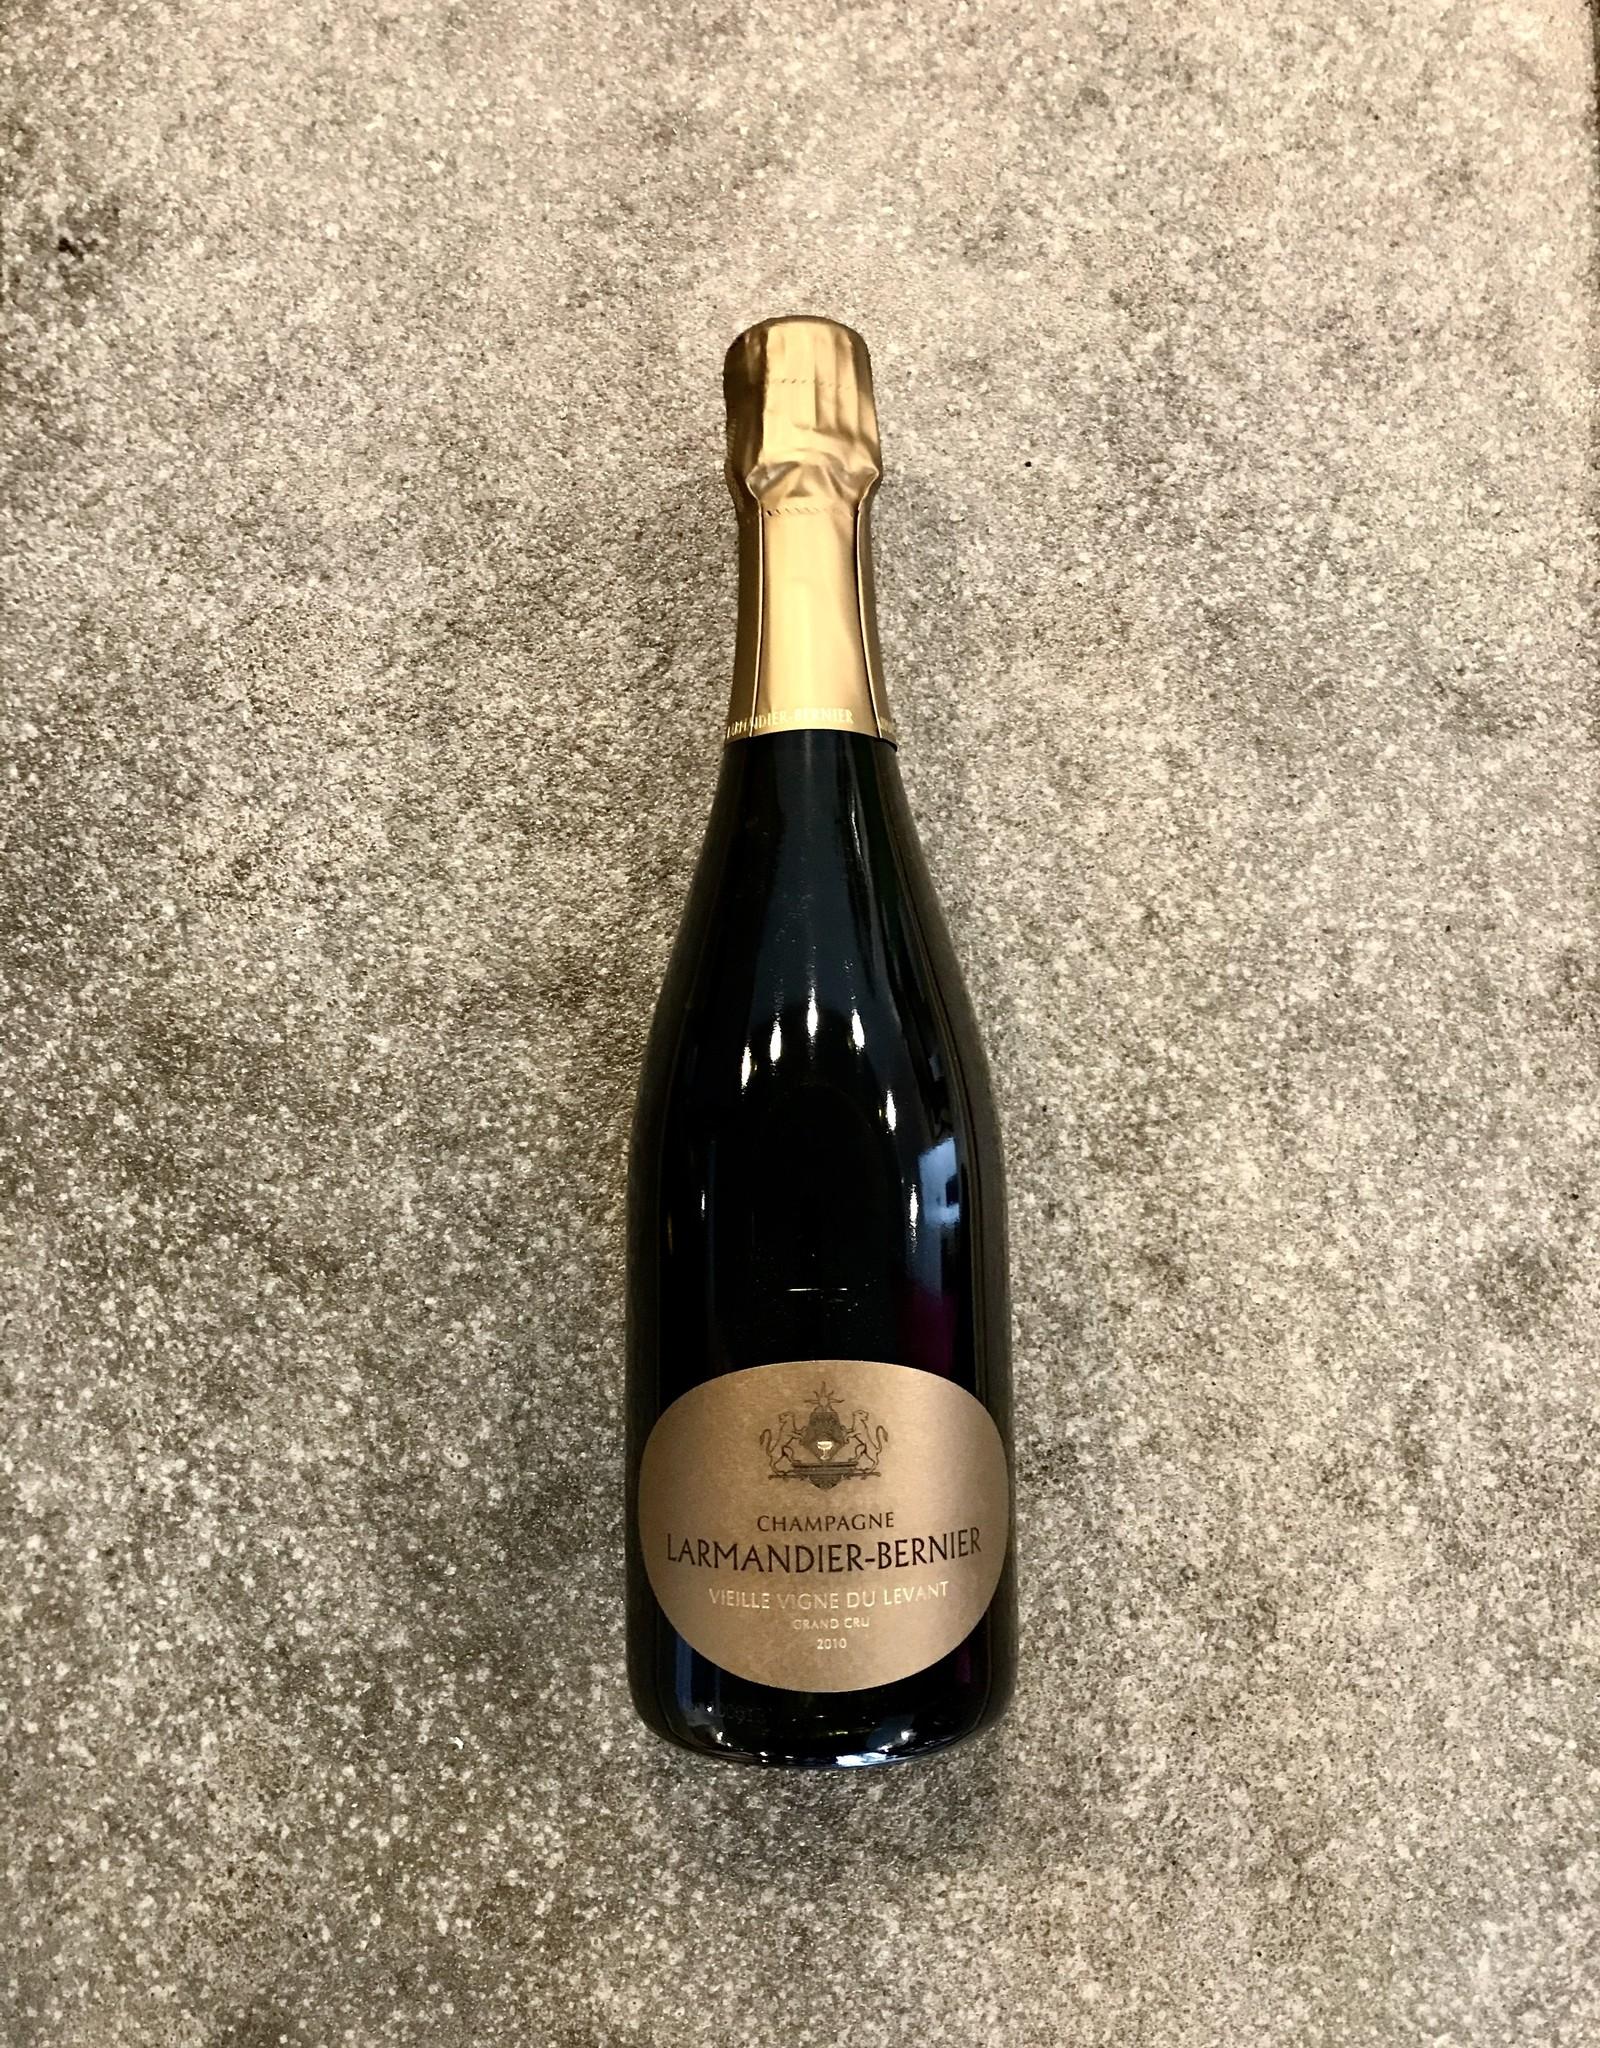 Champagne Larmandier-Bernier Vieille Vigne du Levant Grand Cru Blanc de Blanc Extra Brut 2010